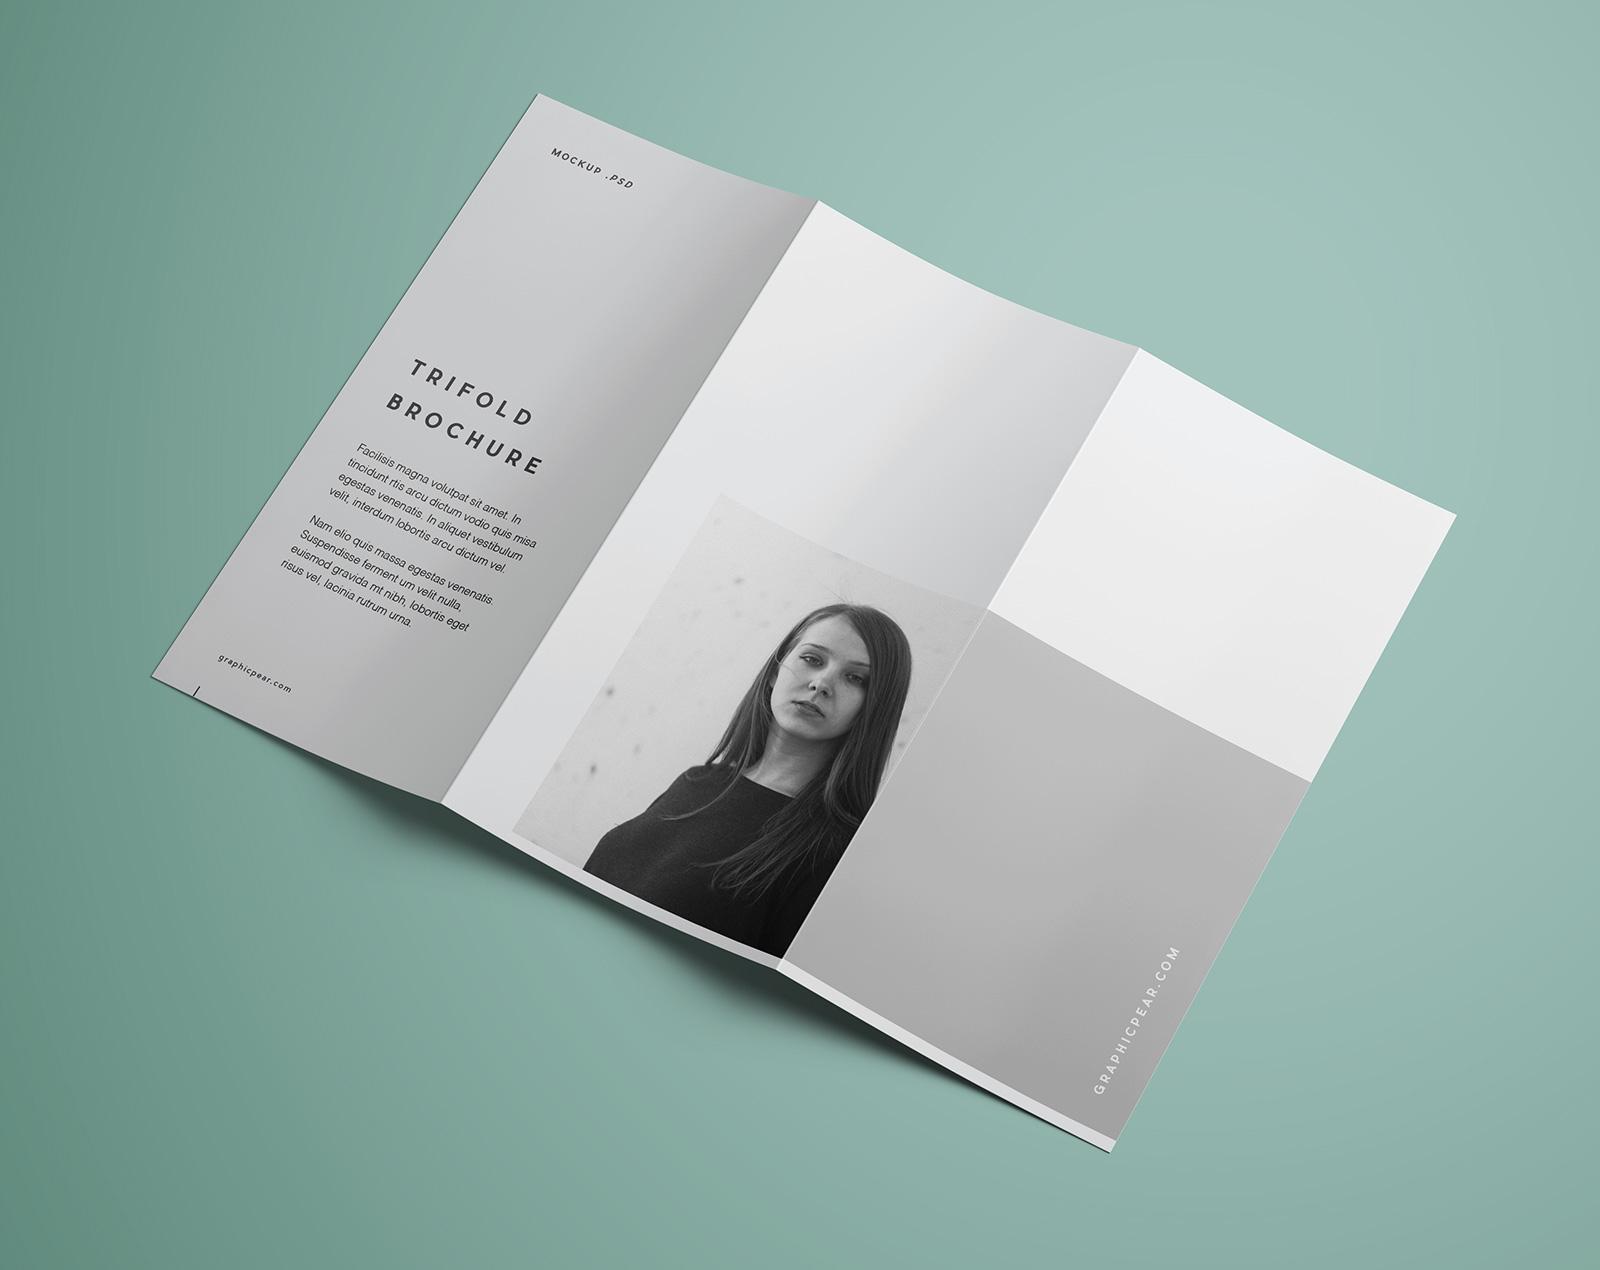 Free-Tri-Fold-Brochure-Mockup-PSD-Template (2)